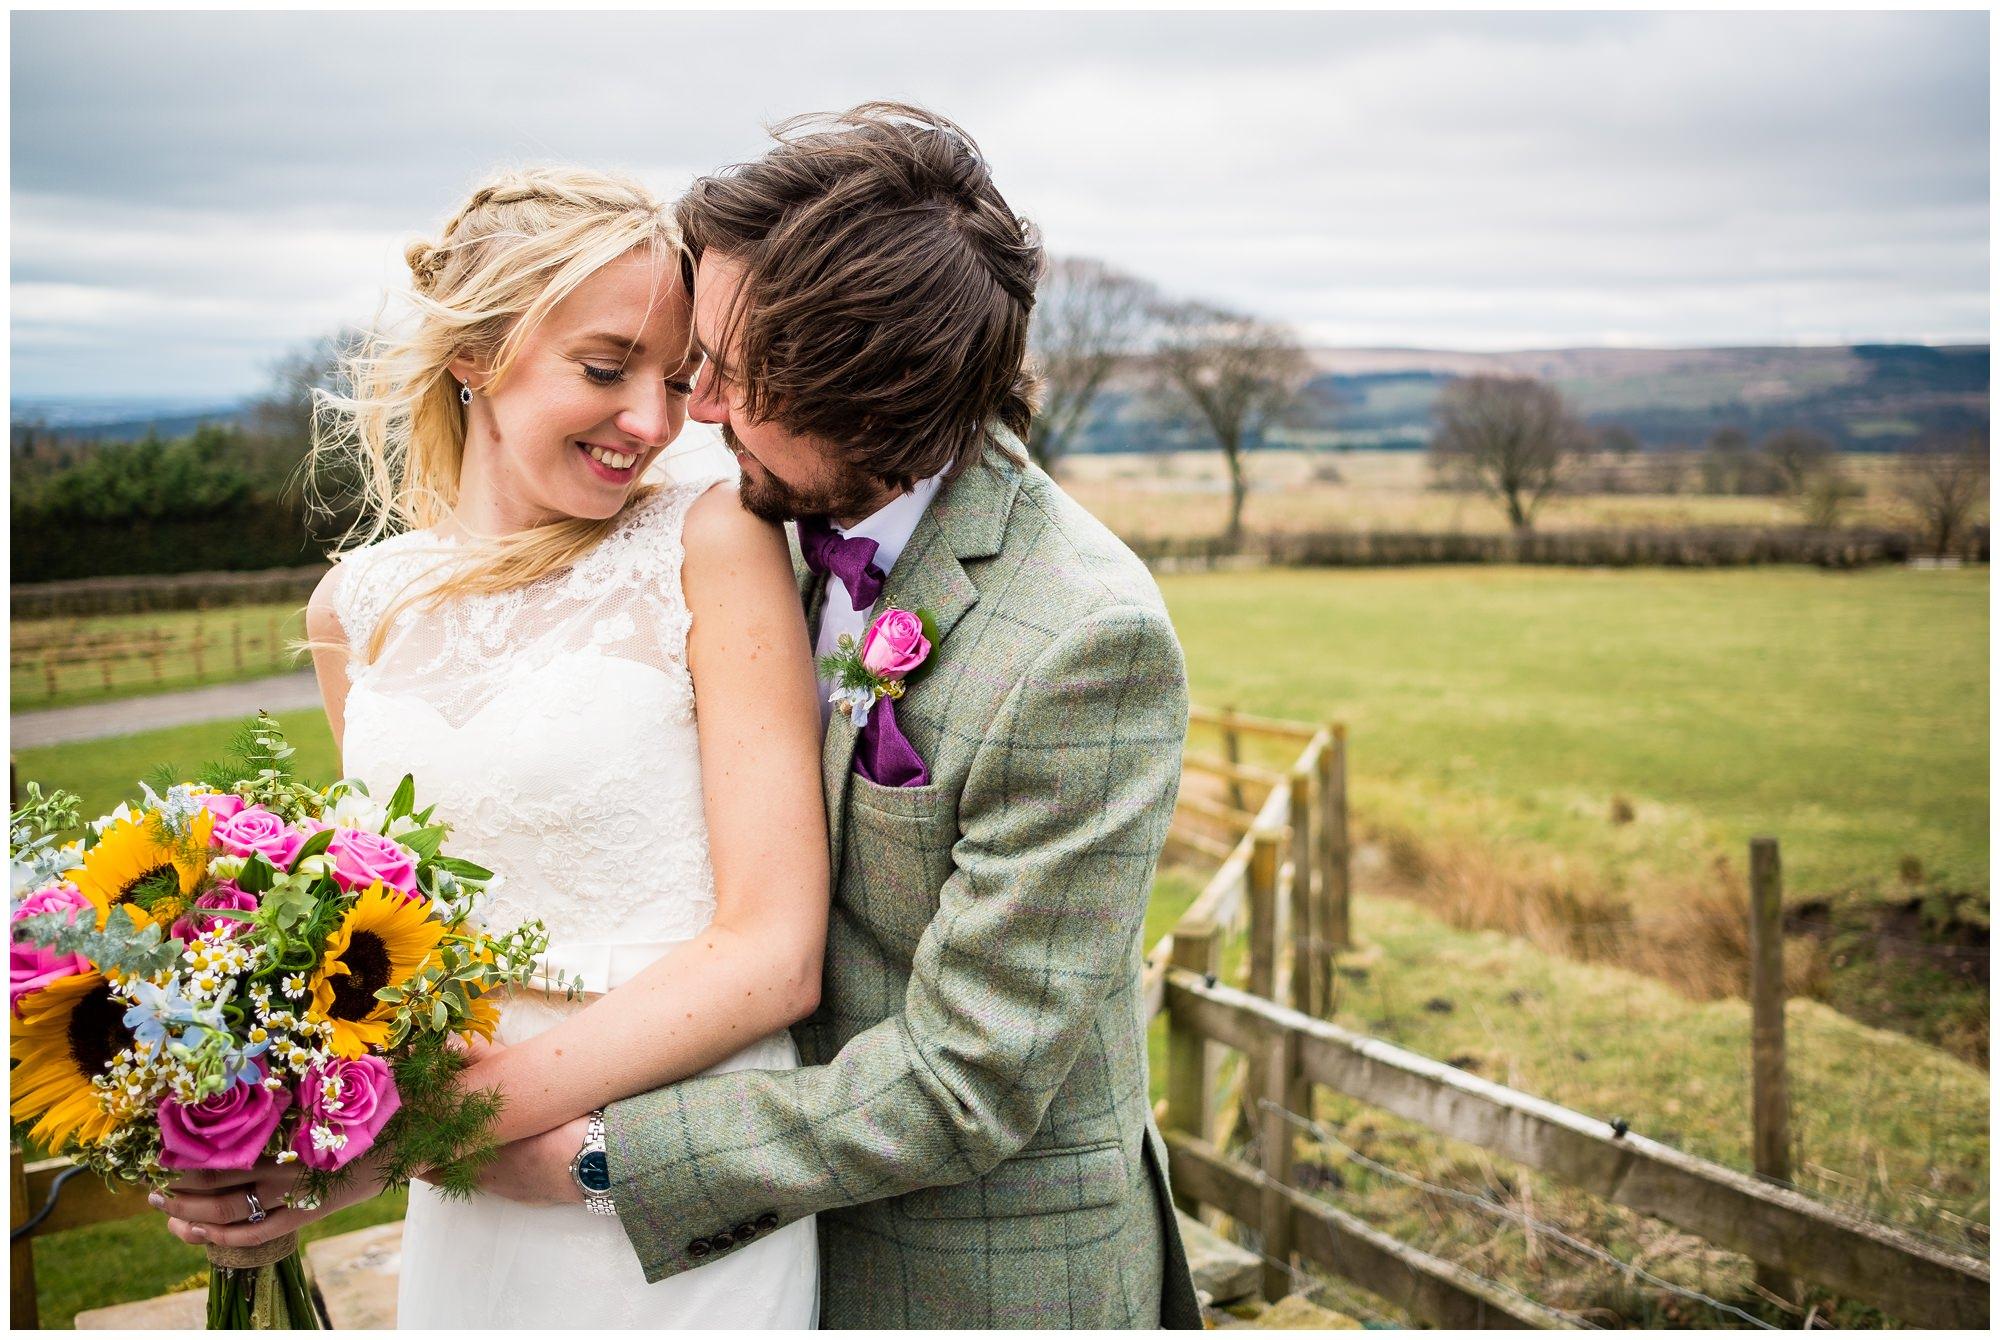 the-wellbeing-farm-wedding-photography_0008.jpg